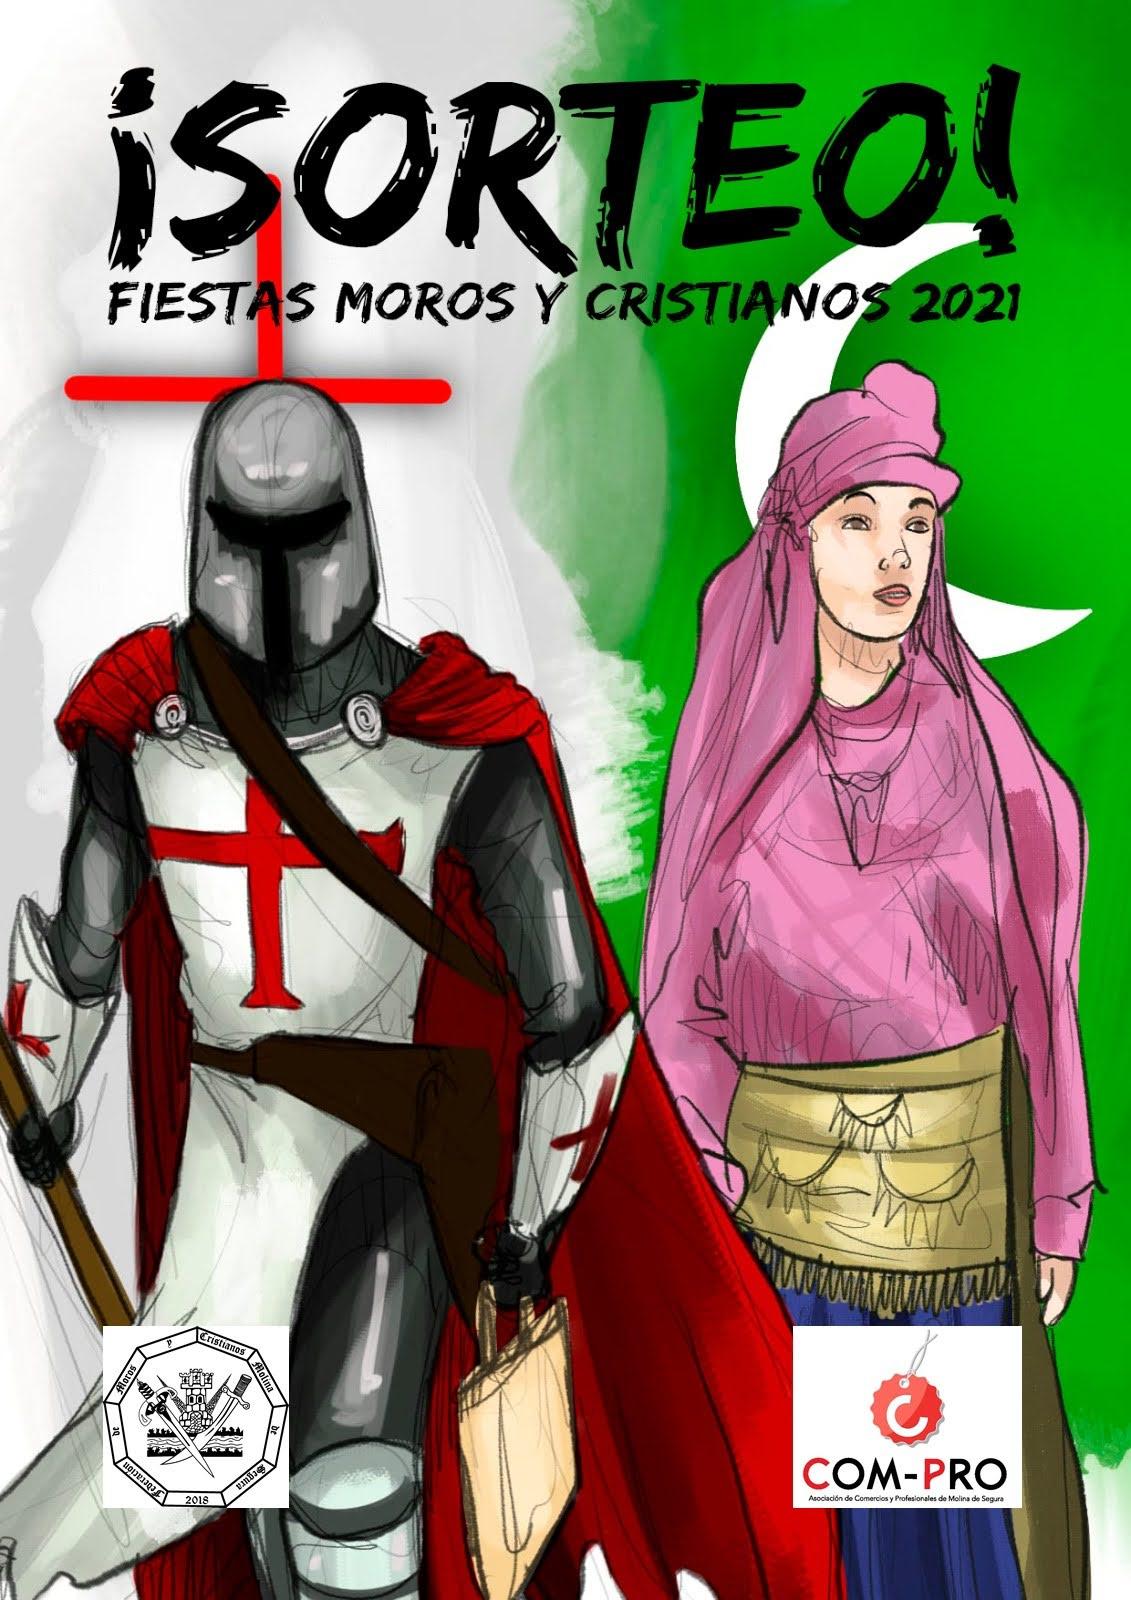 SORTEO MOROS Y CRISTIANOS